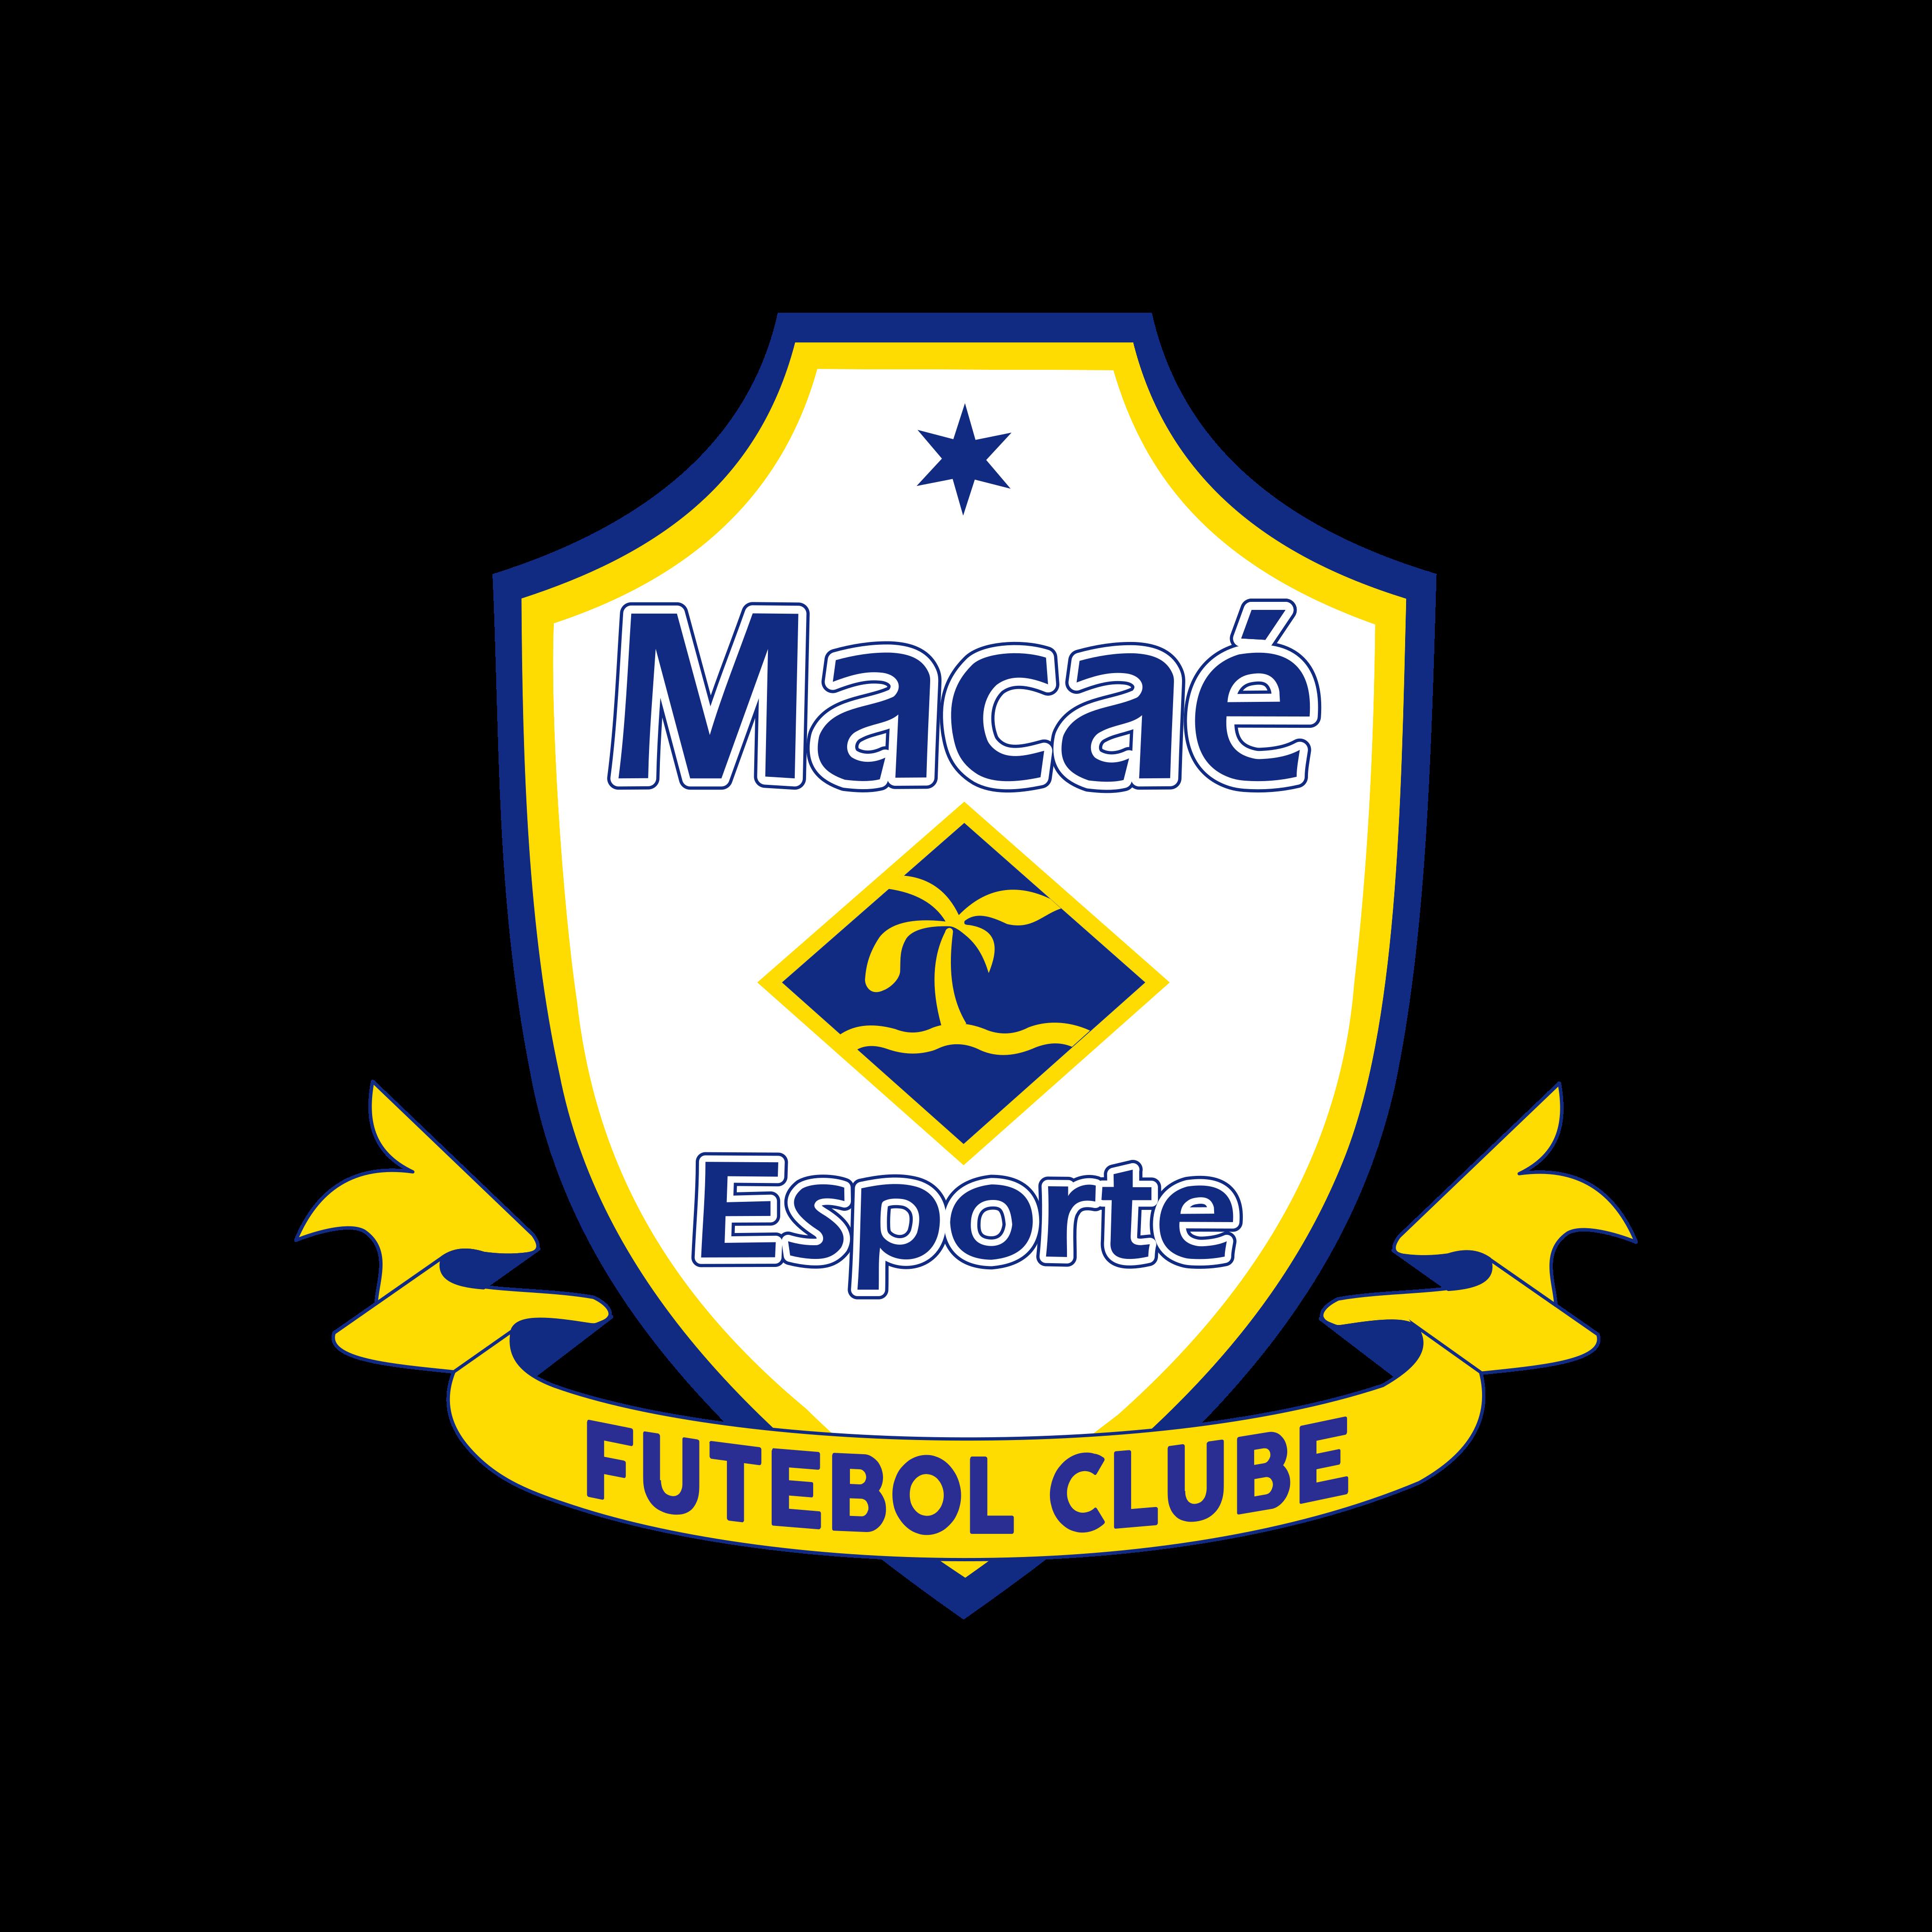 Macaé Esporte Logo PNG.